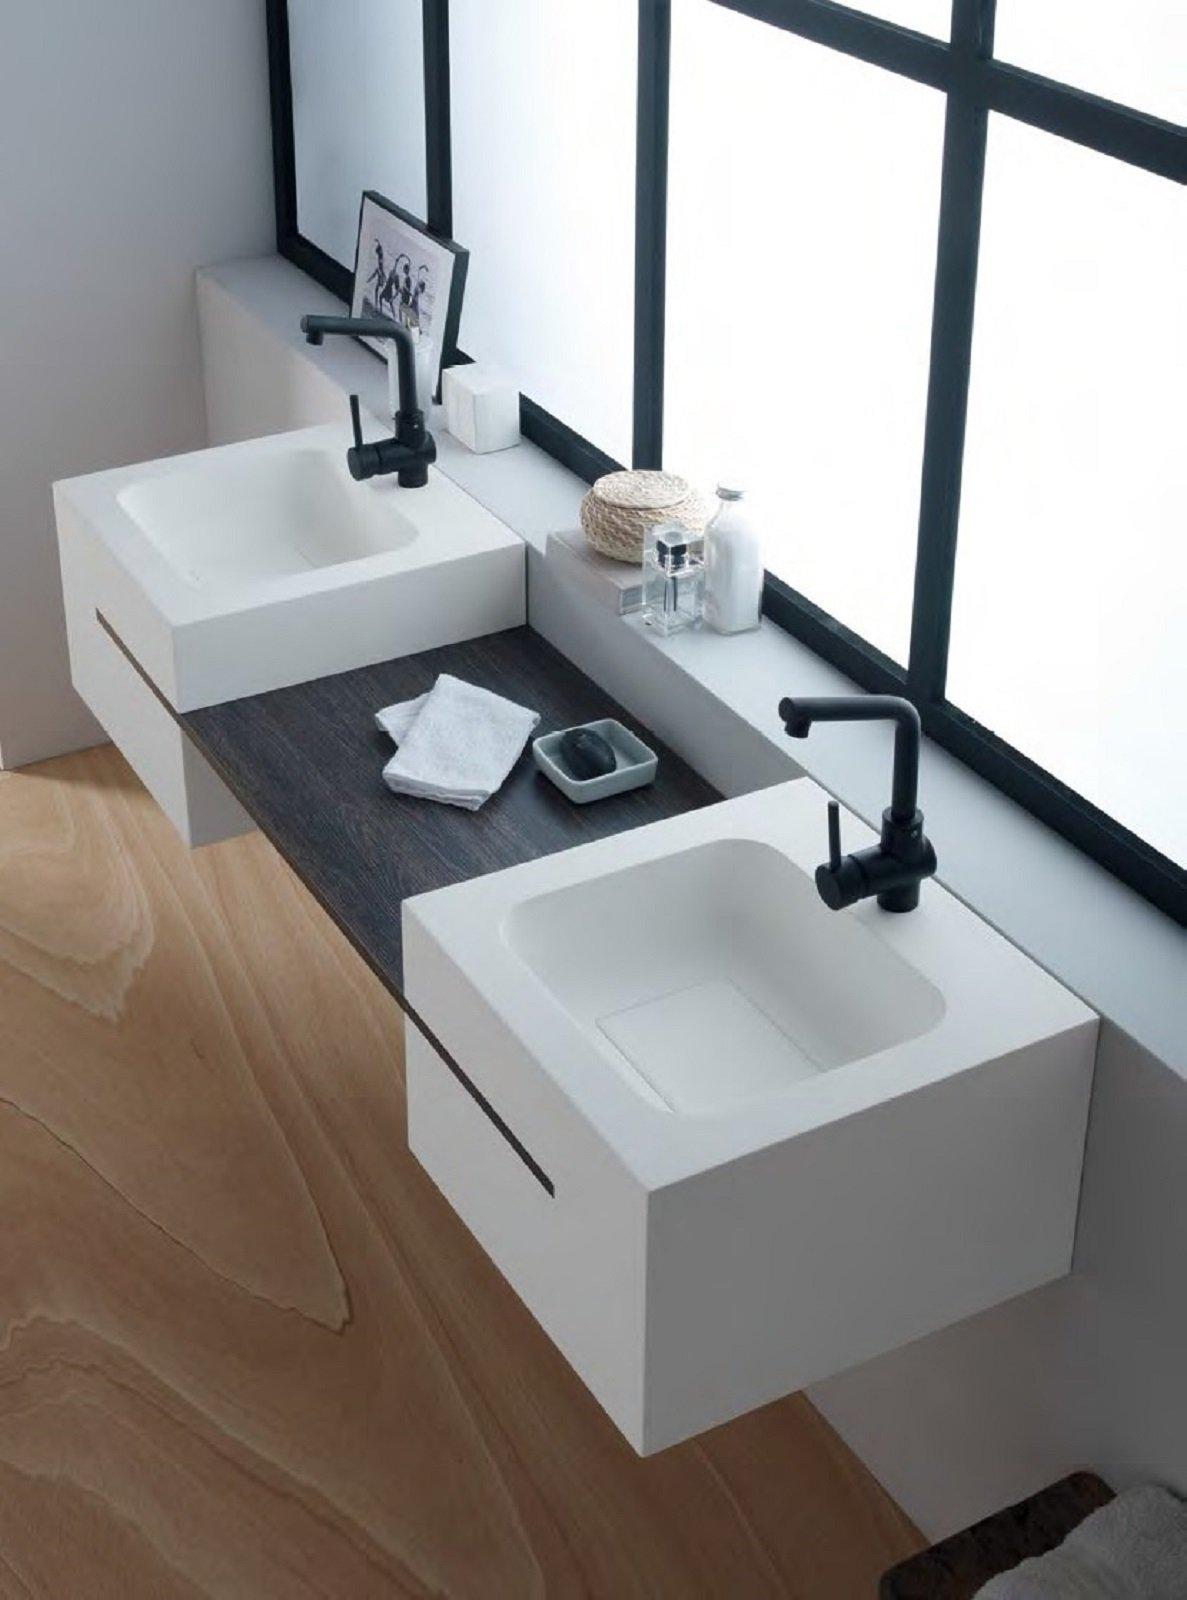 Piano Per Lavabo Da Appoggio mensole e piani d'appoggio per il lavabo del bagno - cose di